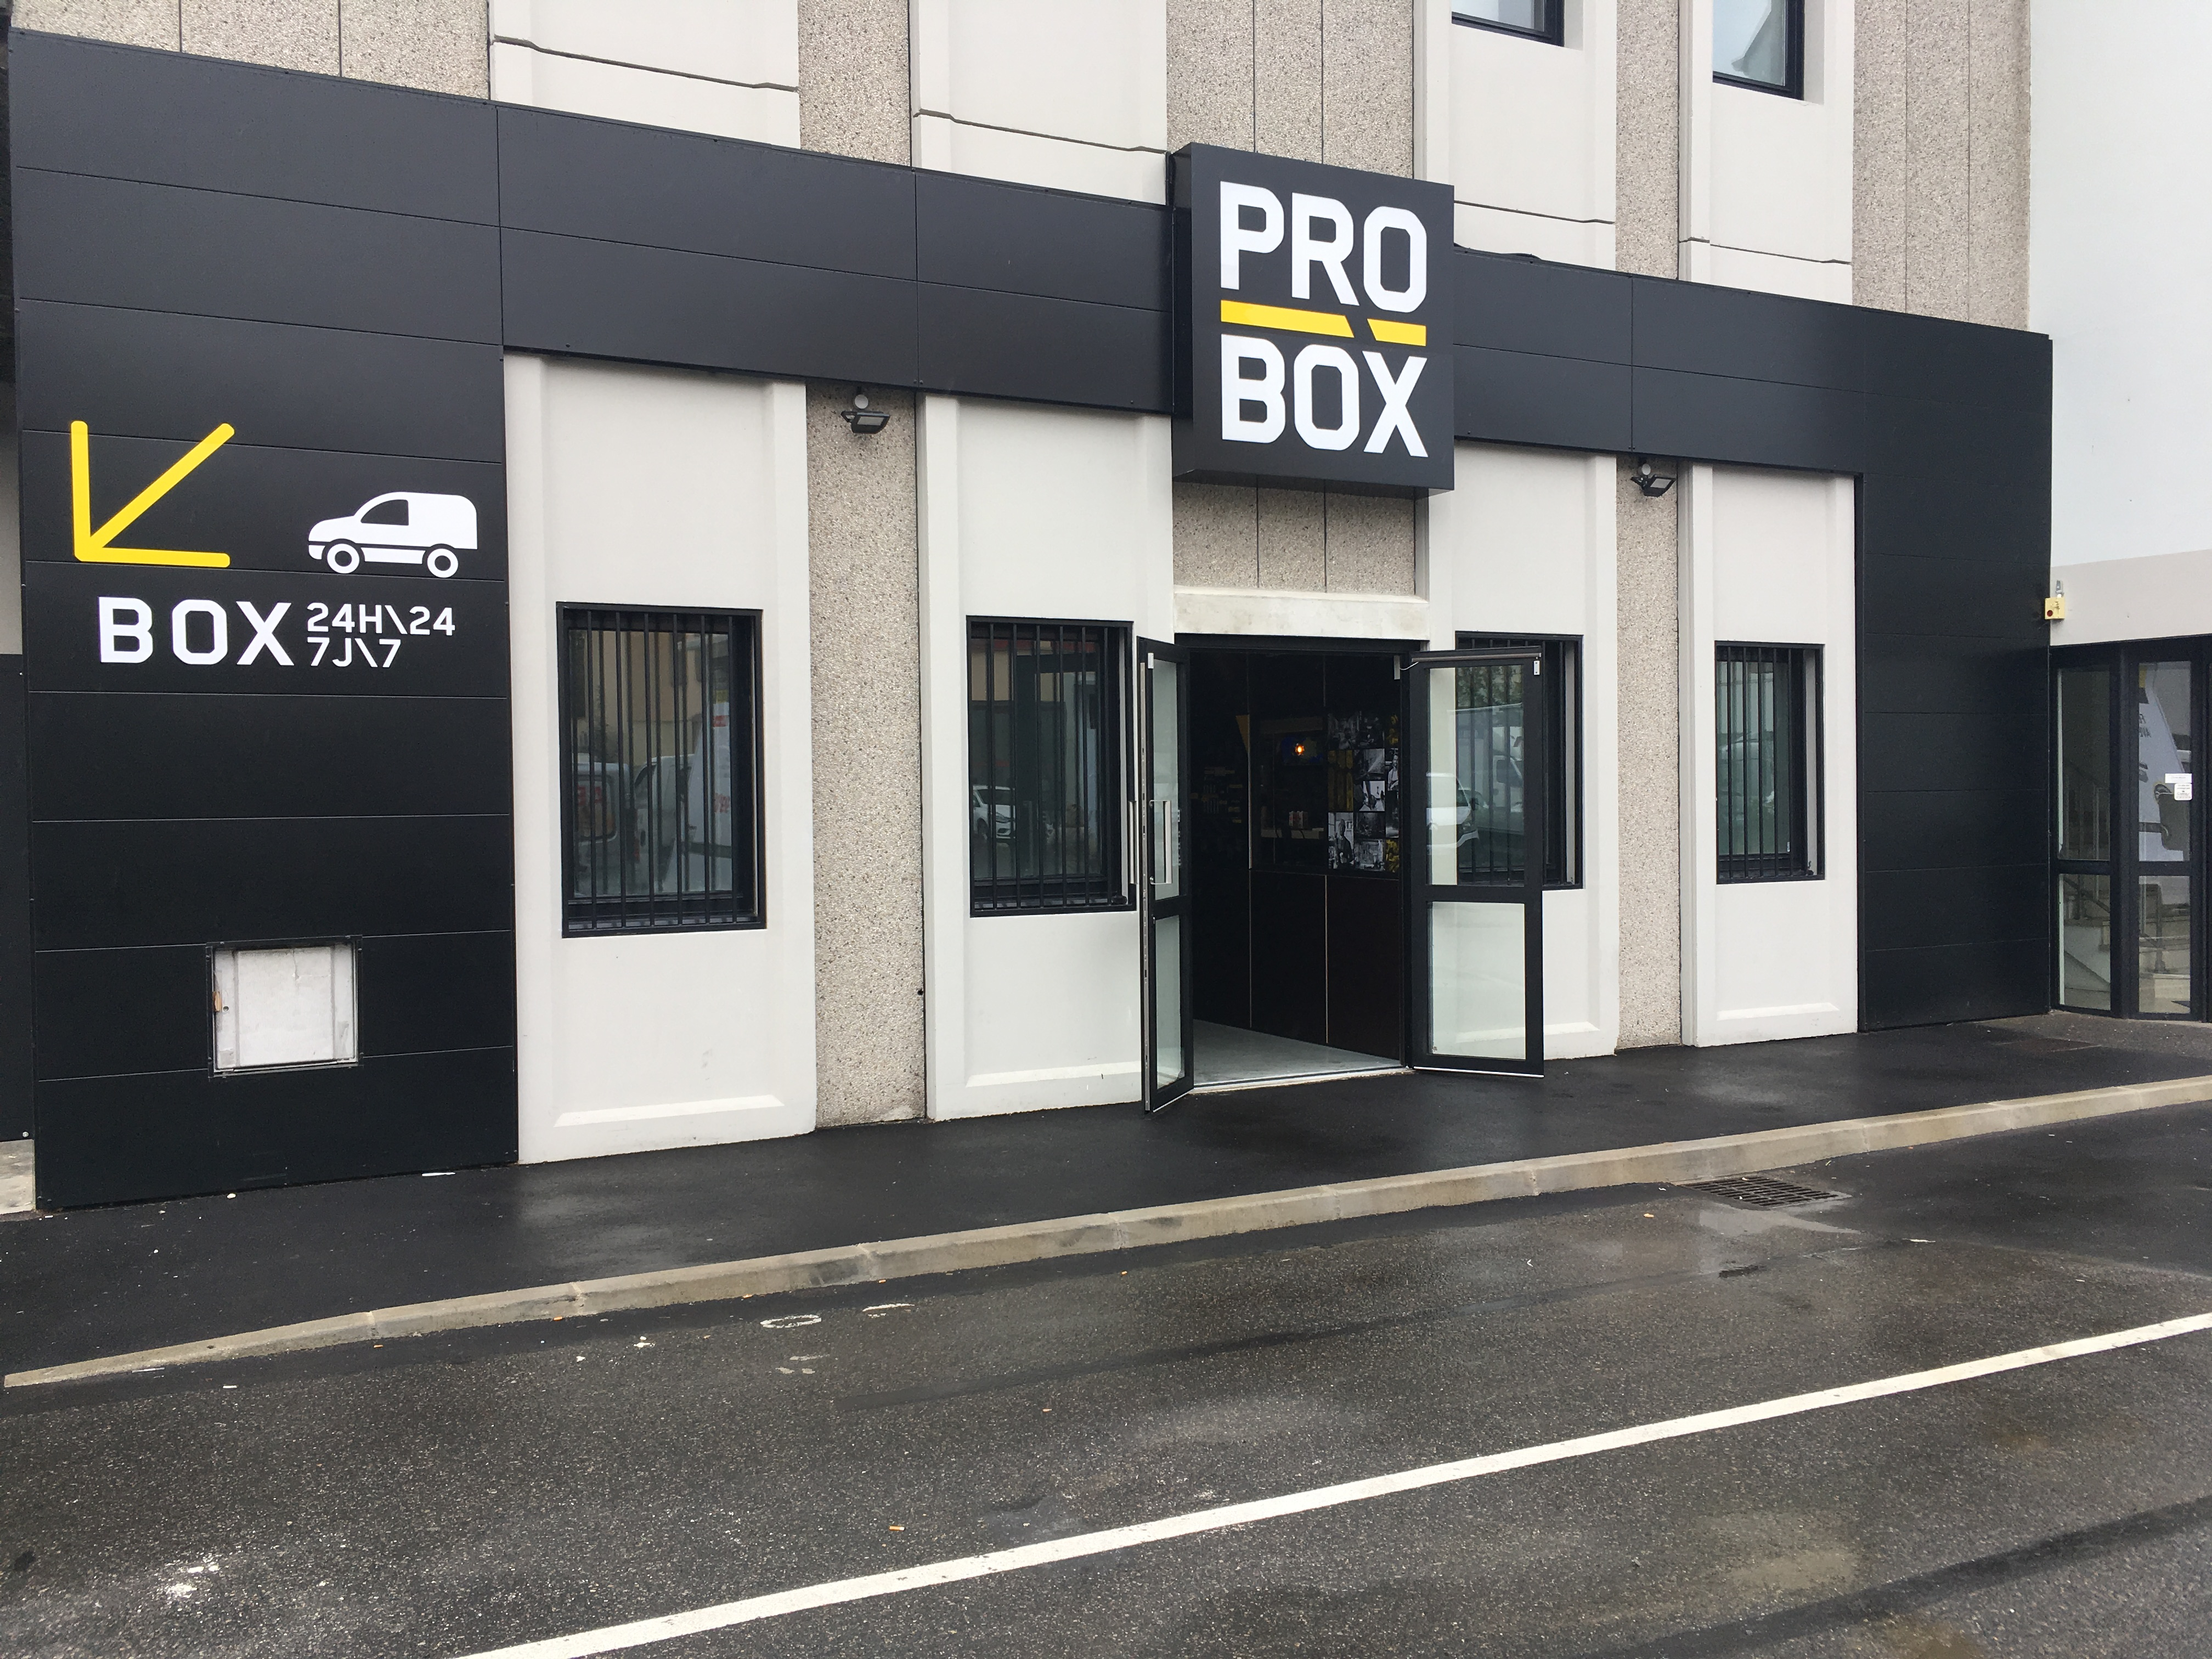 Plateforme Du Batiment Gennevilliers probox, l'offensive d'adeo sur les artisans du bâtiment